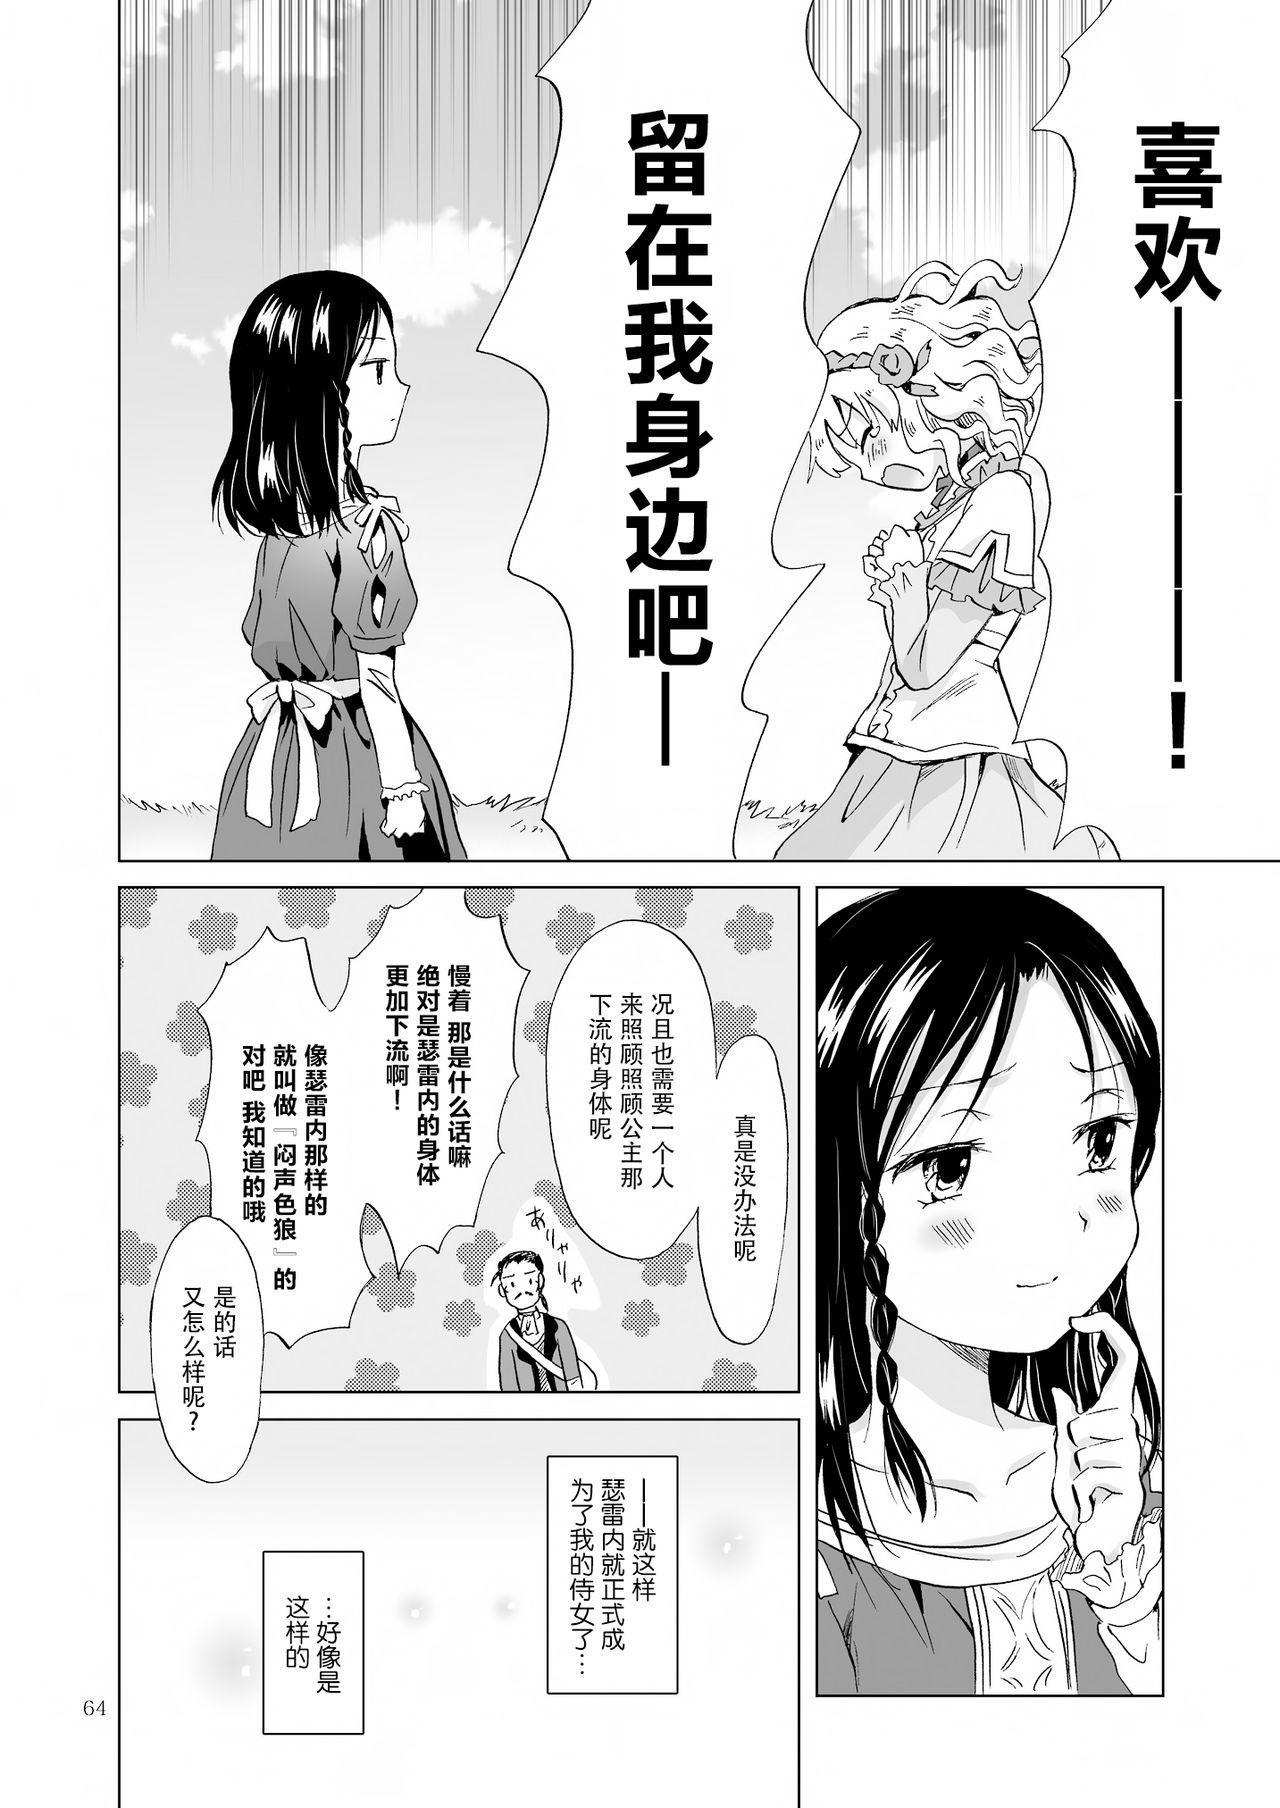 [peachpulsar (Mira)] Hime-sama to Dorei-chan [Chinese] [脸肿汉化组] [Digital] 63